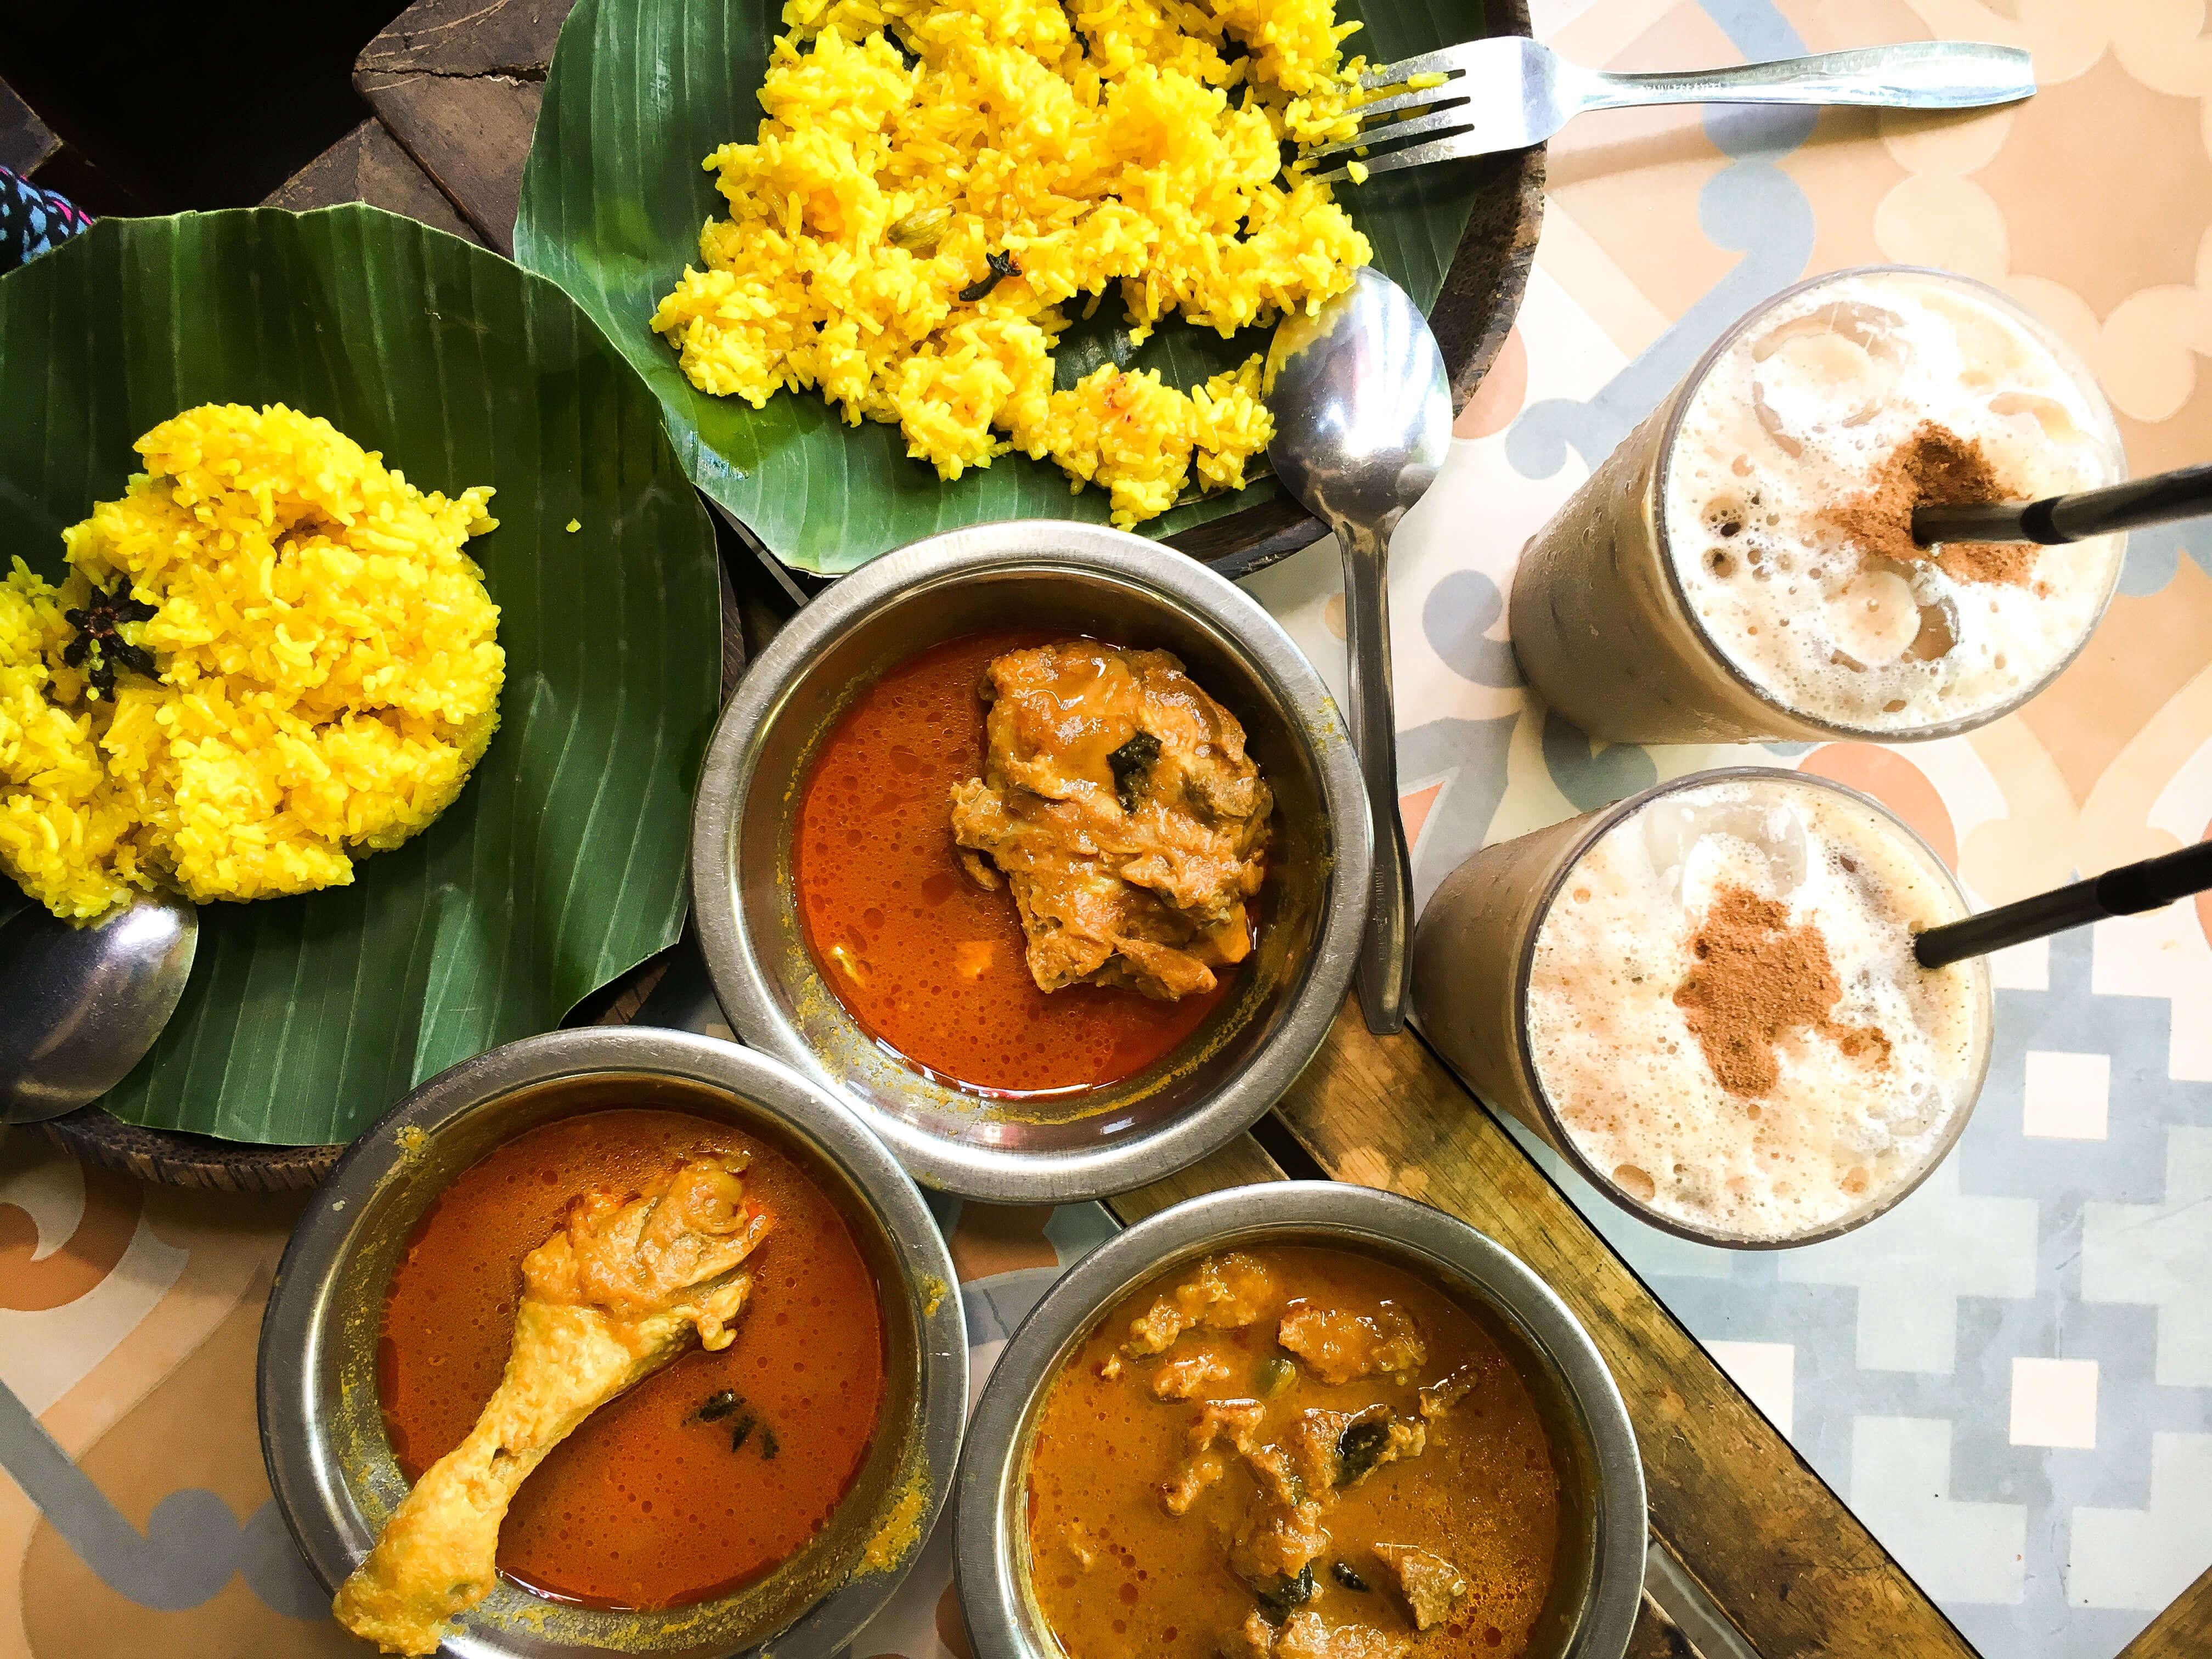 indonesian food, bali food